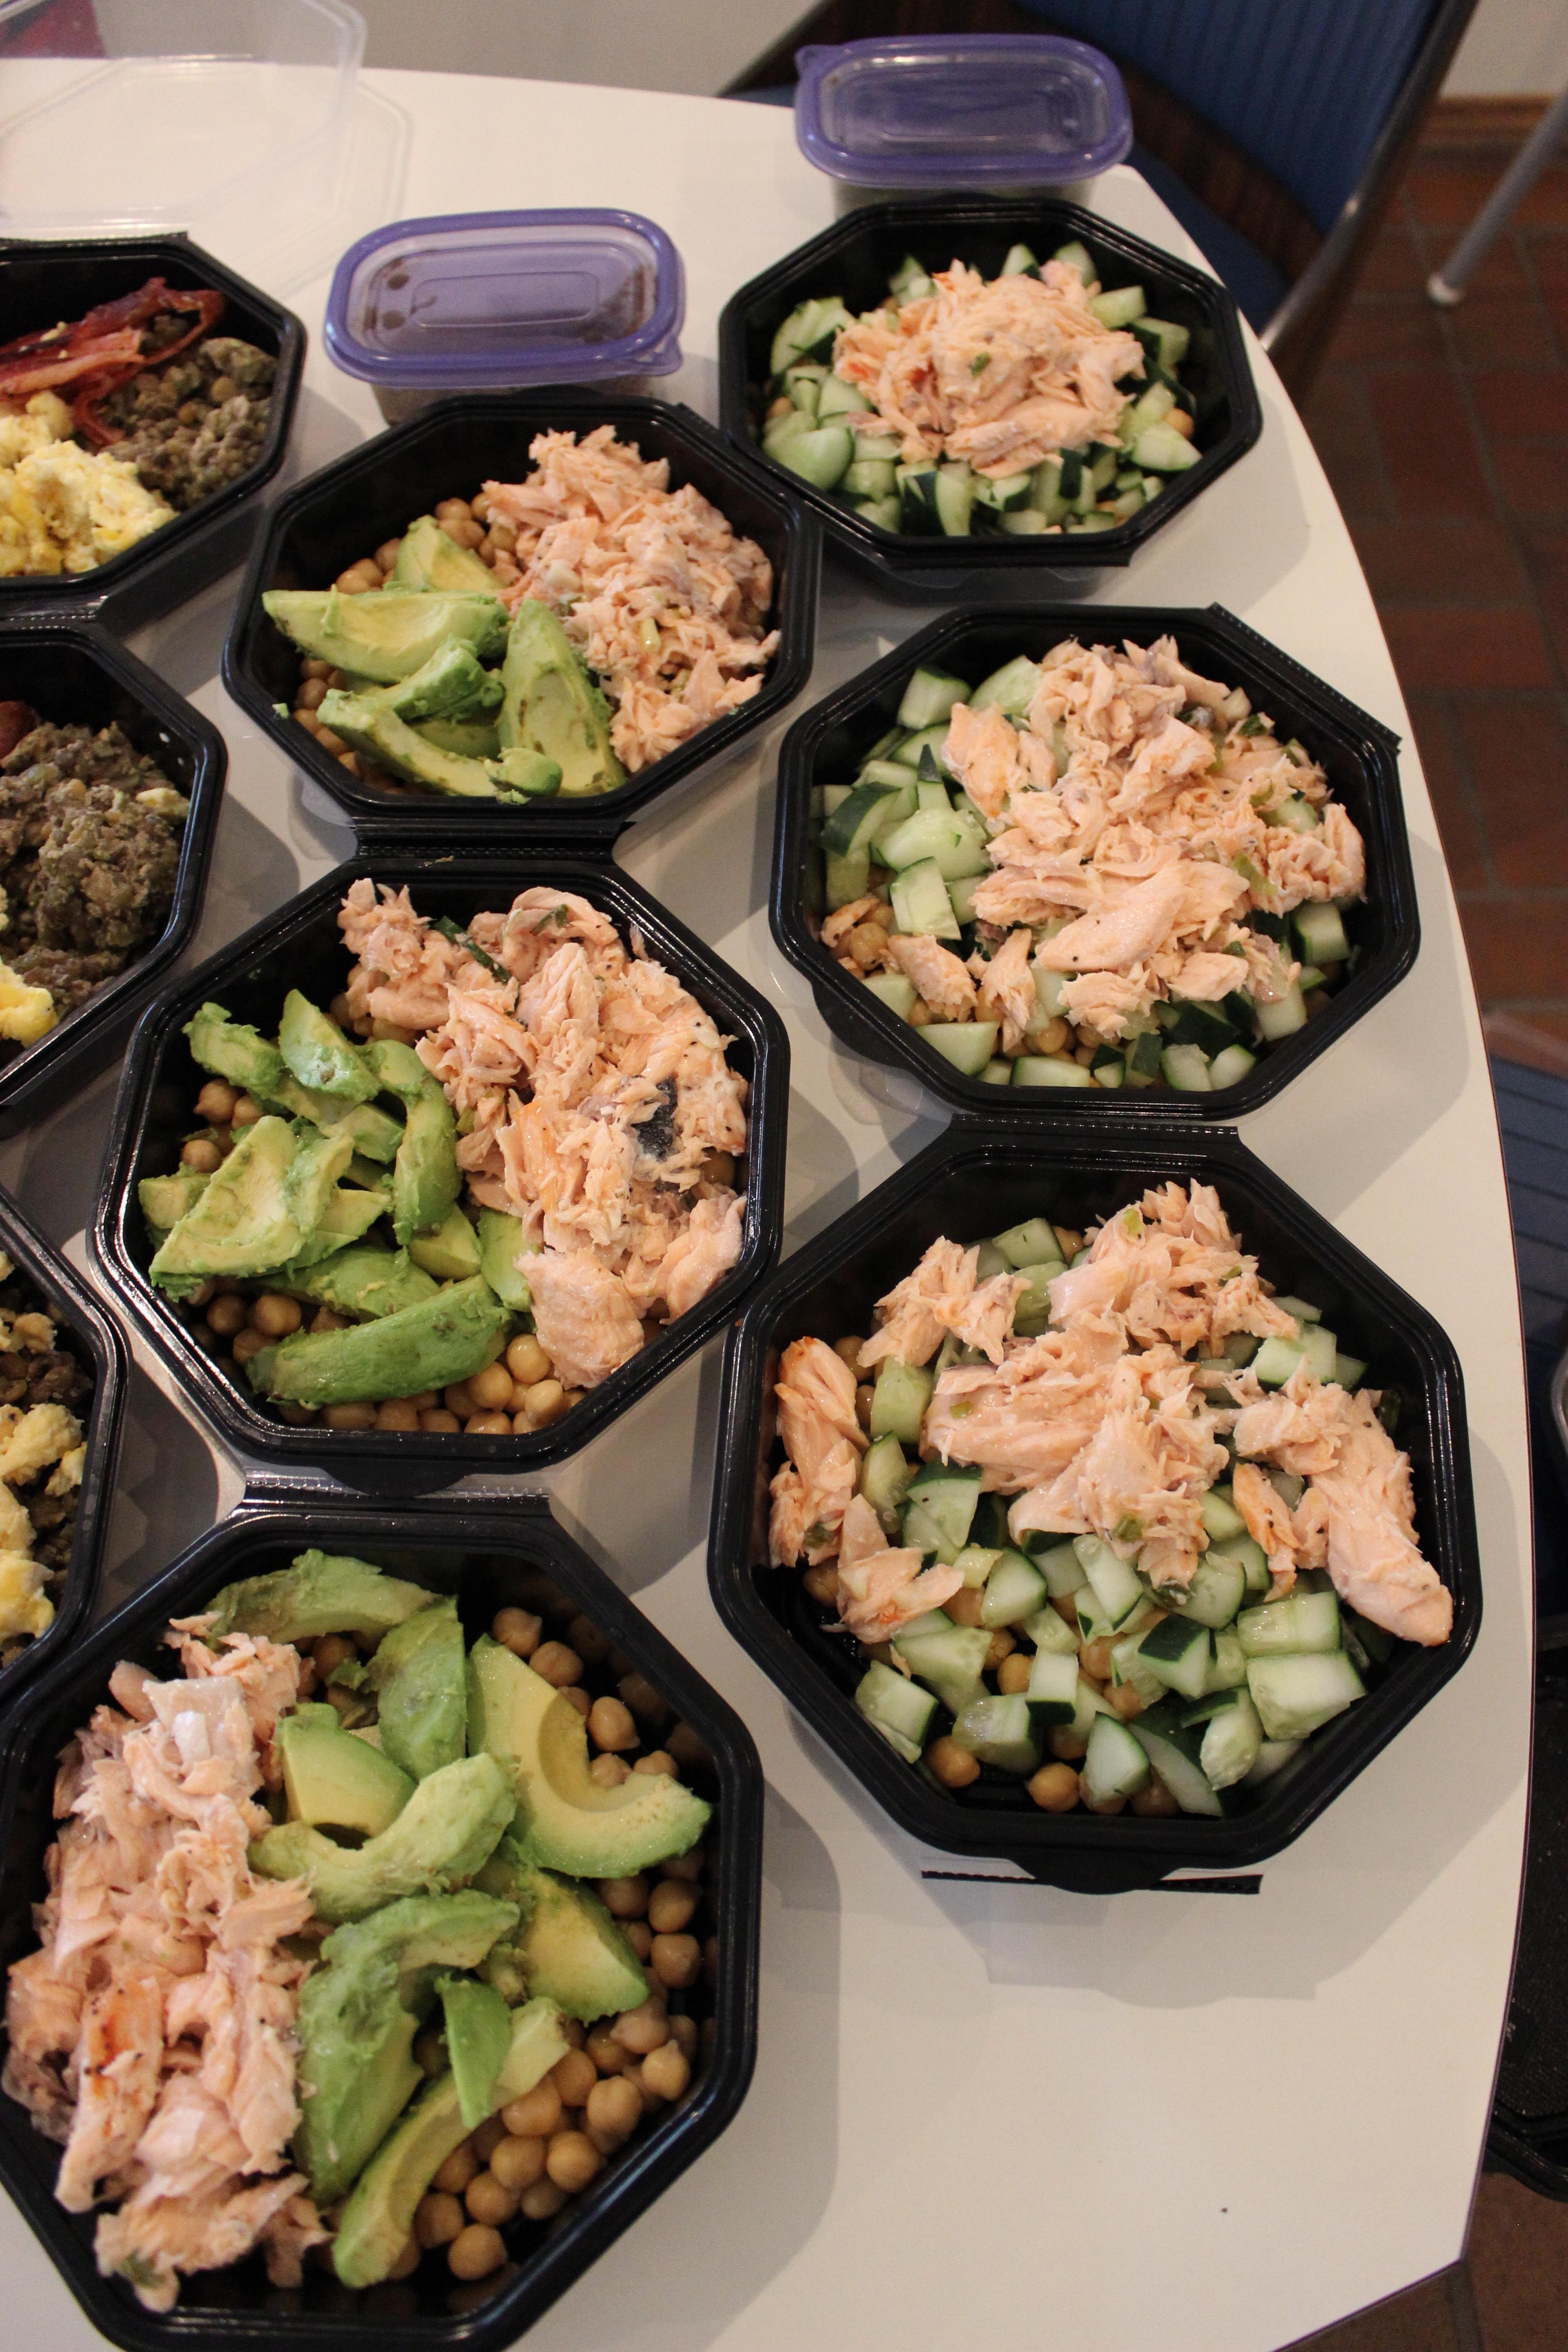 slow carb diet meals